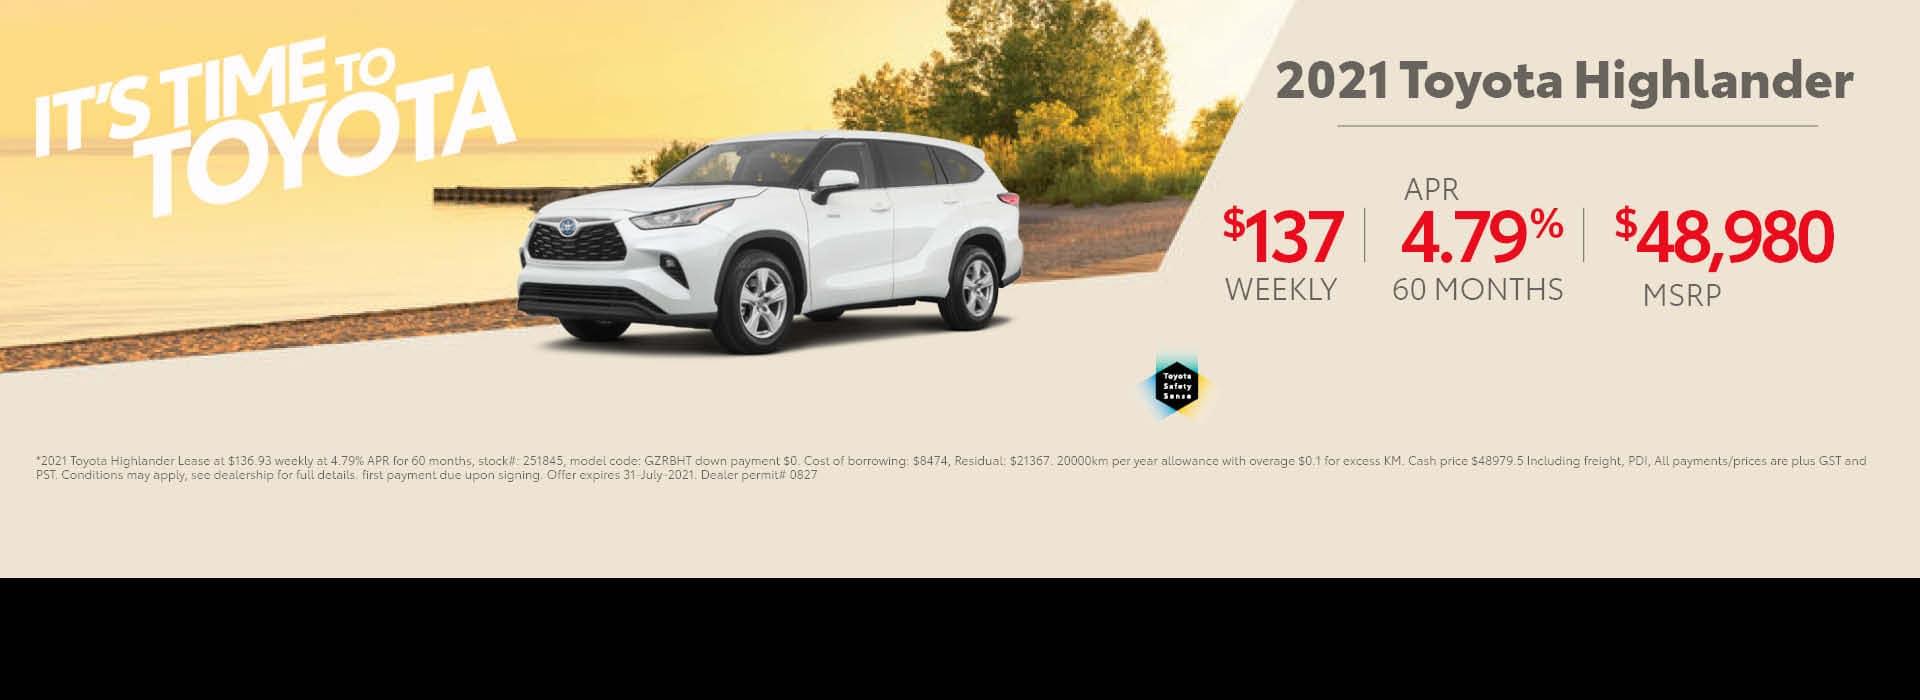 2021_Toyota_Highlander_Desktop_July2021_V1